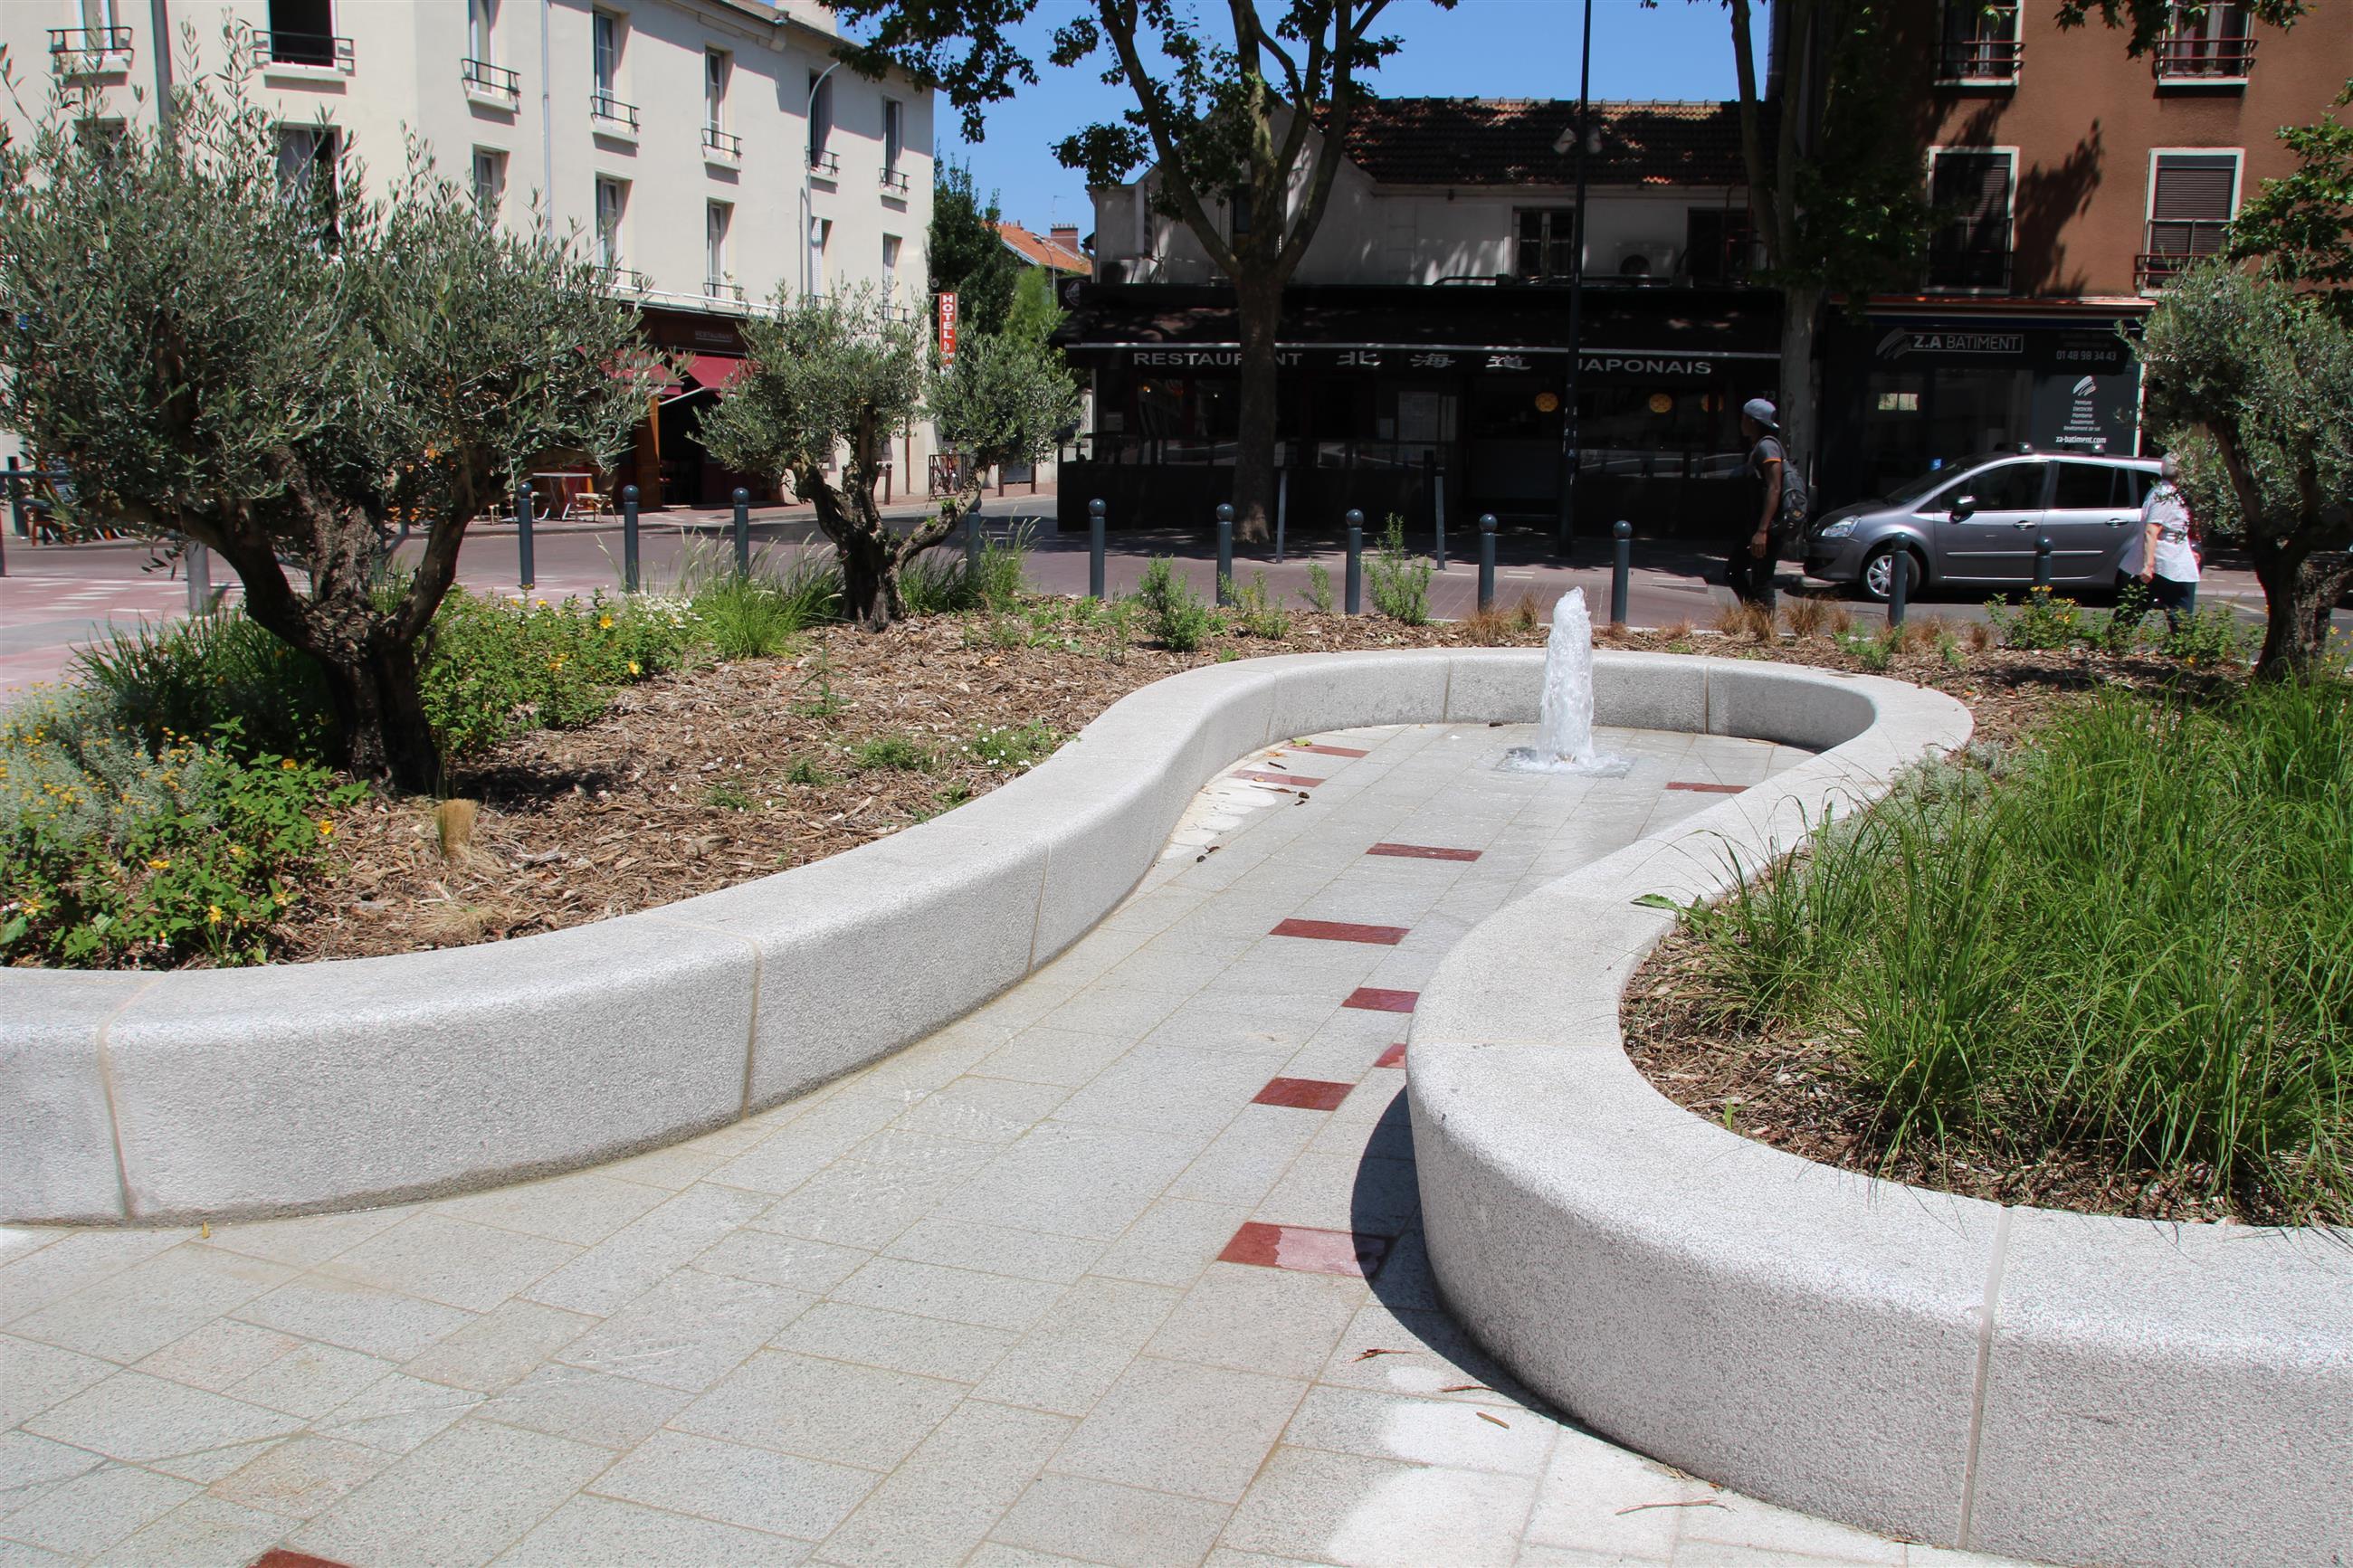 Fontaine sèche ceinturée d'assise